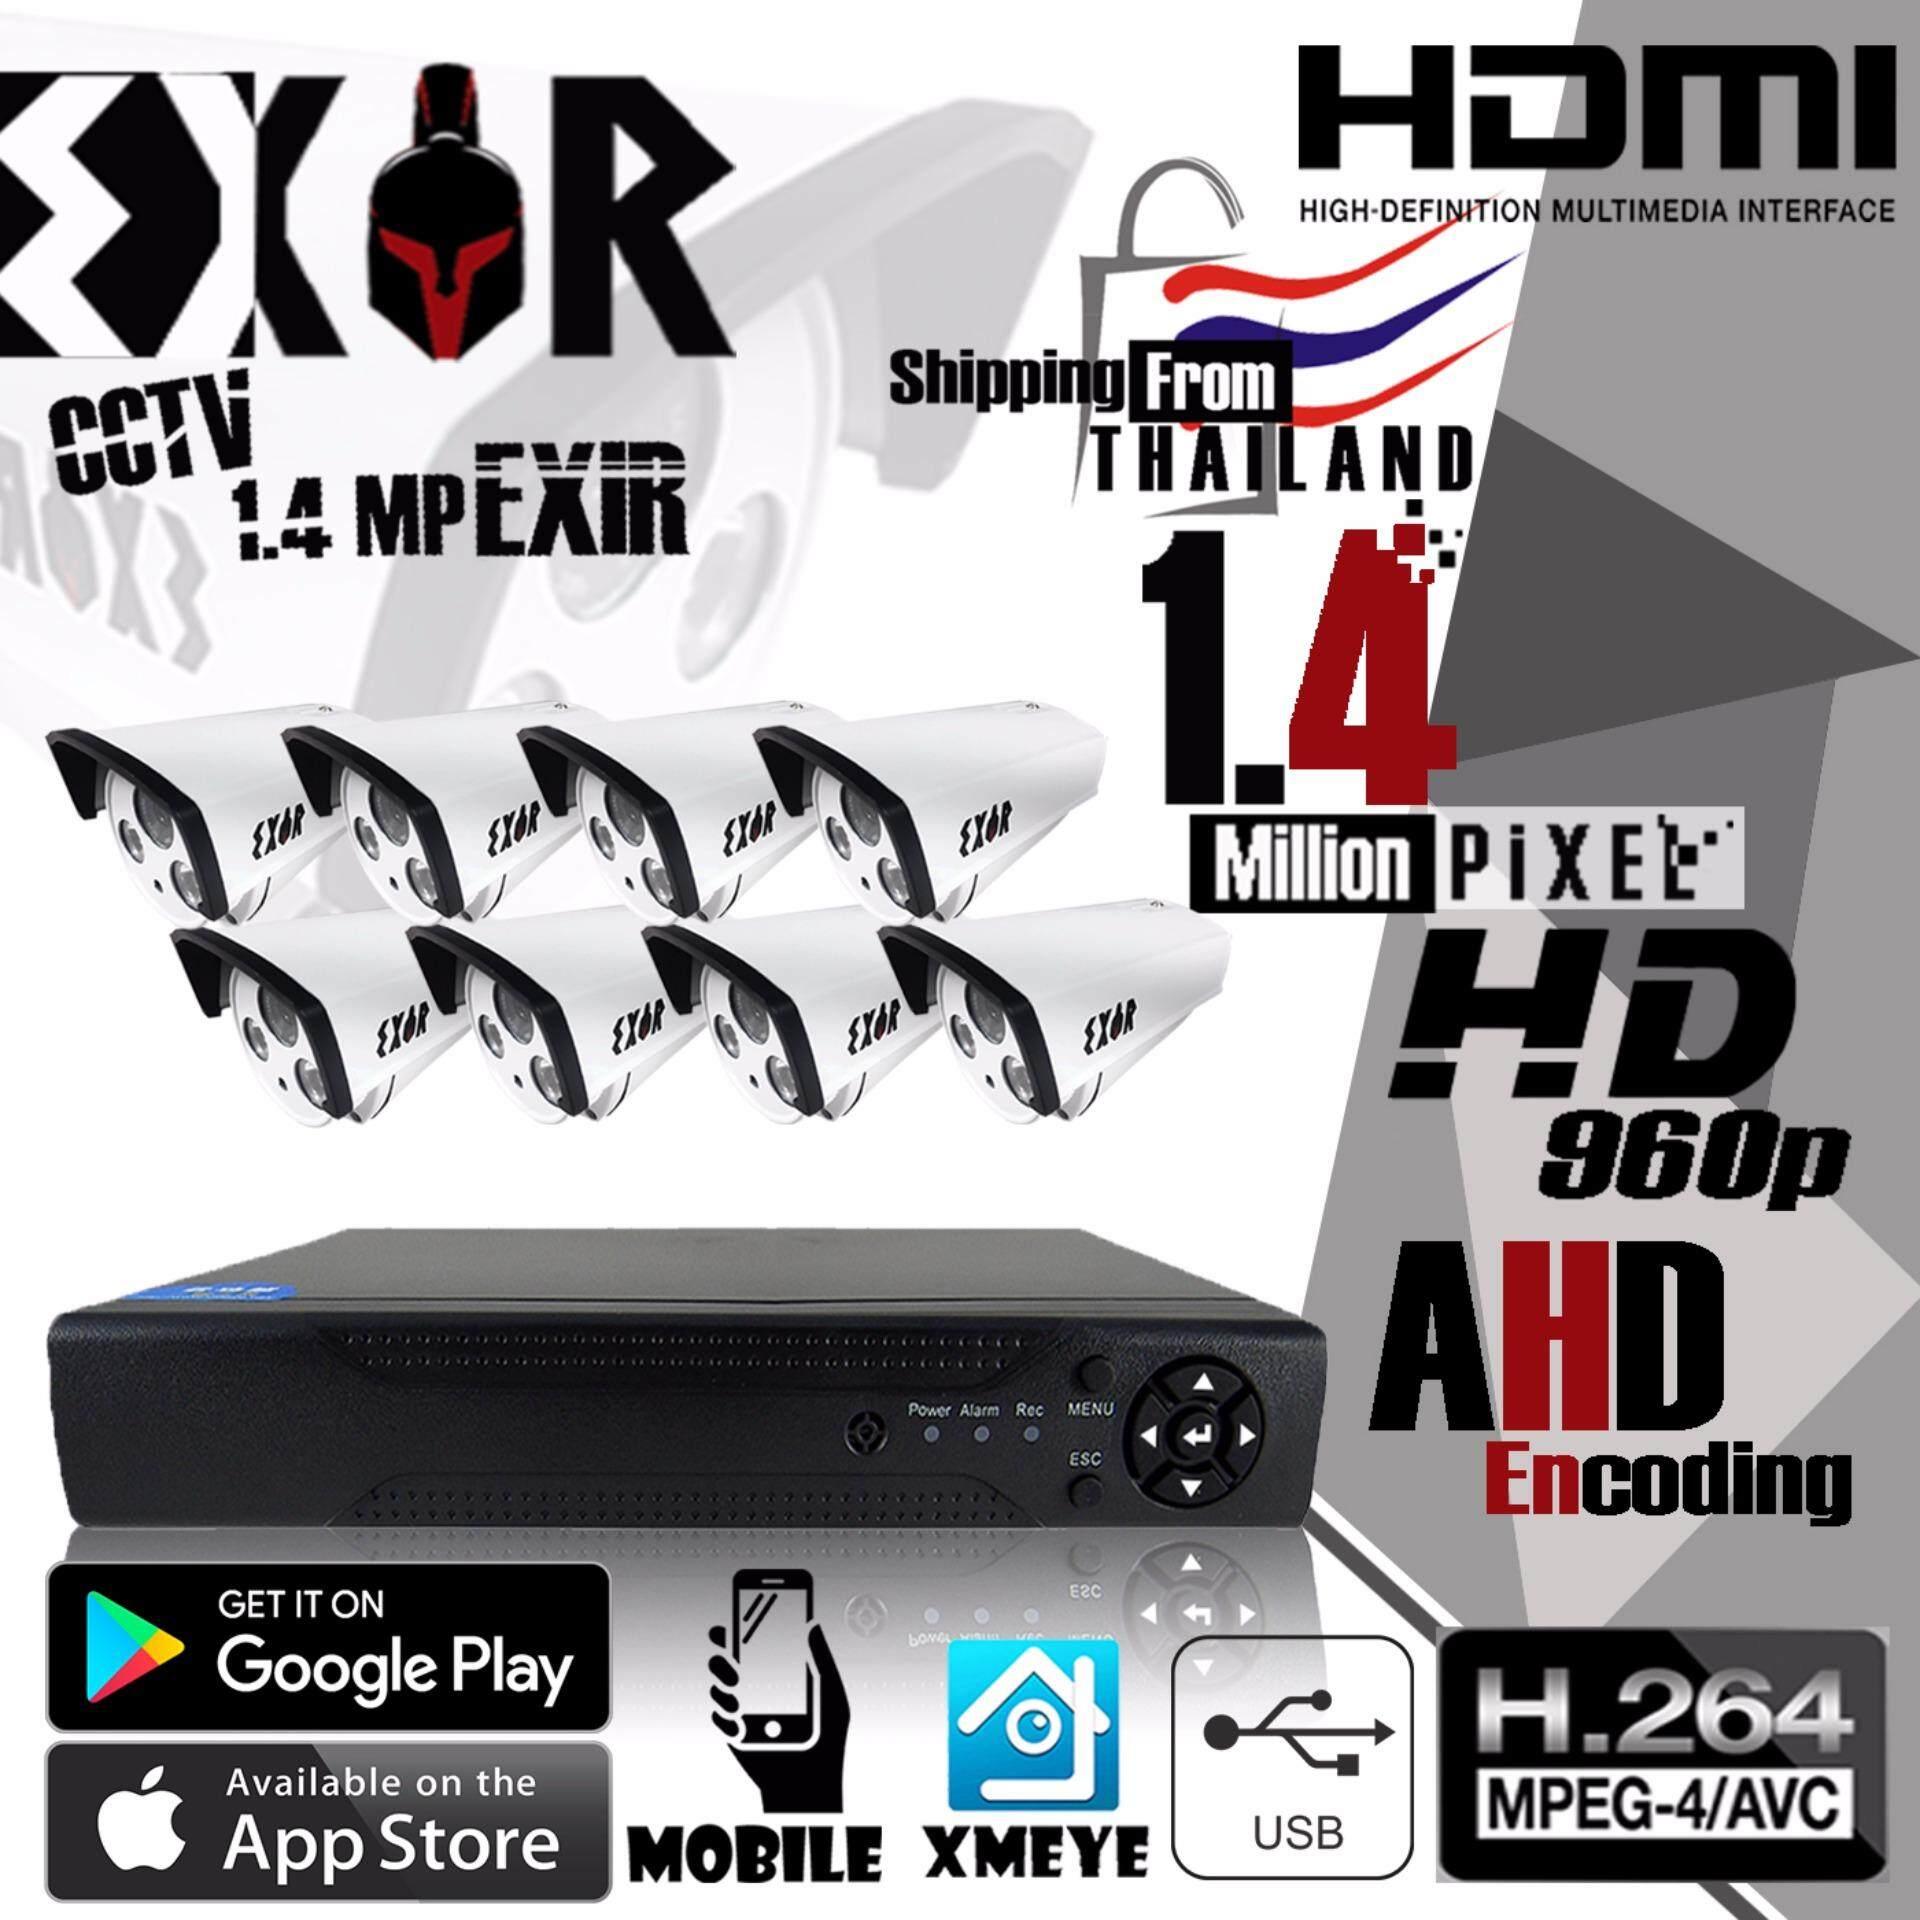 เช็คข้อมูล ชุดกล้องวงจรปิด 1.4 MP ล้านพิกเซล New 2018 Model ทรงกระบอก HD 960P เลนส์ 4mm กล้อง 8 ตัว และ เครื่องบันทึกภาพ 8CH DVR Digital Video Recording HD/Full HD / Waterproof ฟรีอะแดปเตอร์ และขายึดกล้อง ภาพคมชัดและถูกที่สุด